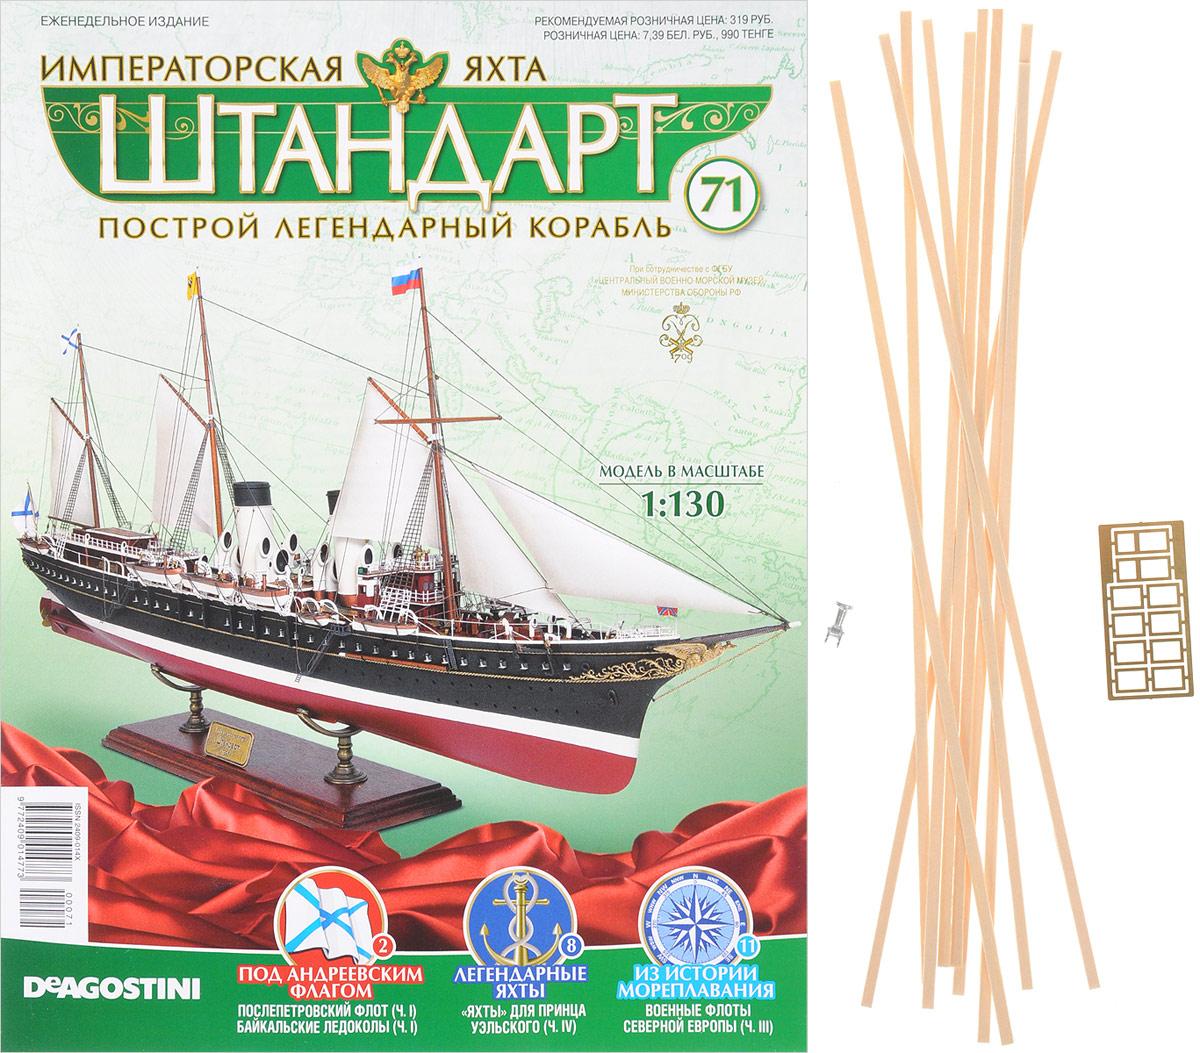 """Журнал """"Императорская яхта""""ШТАНДАРТ"""" №71,"""